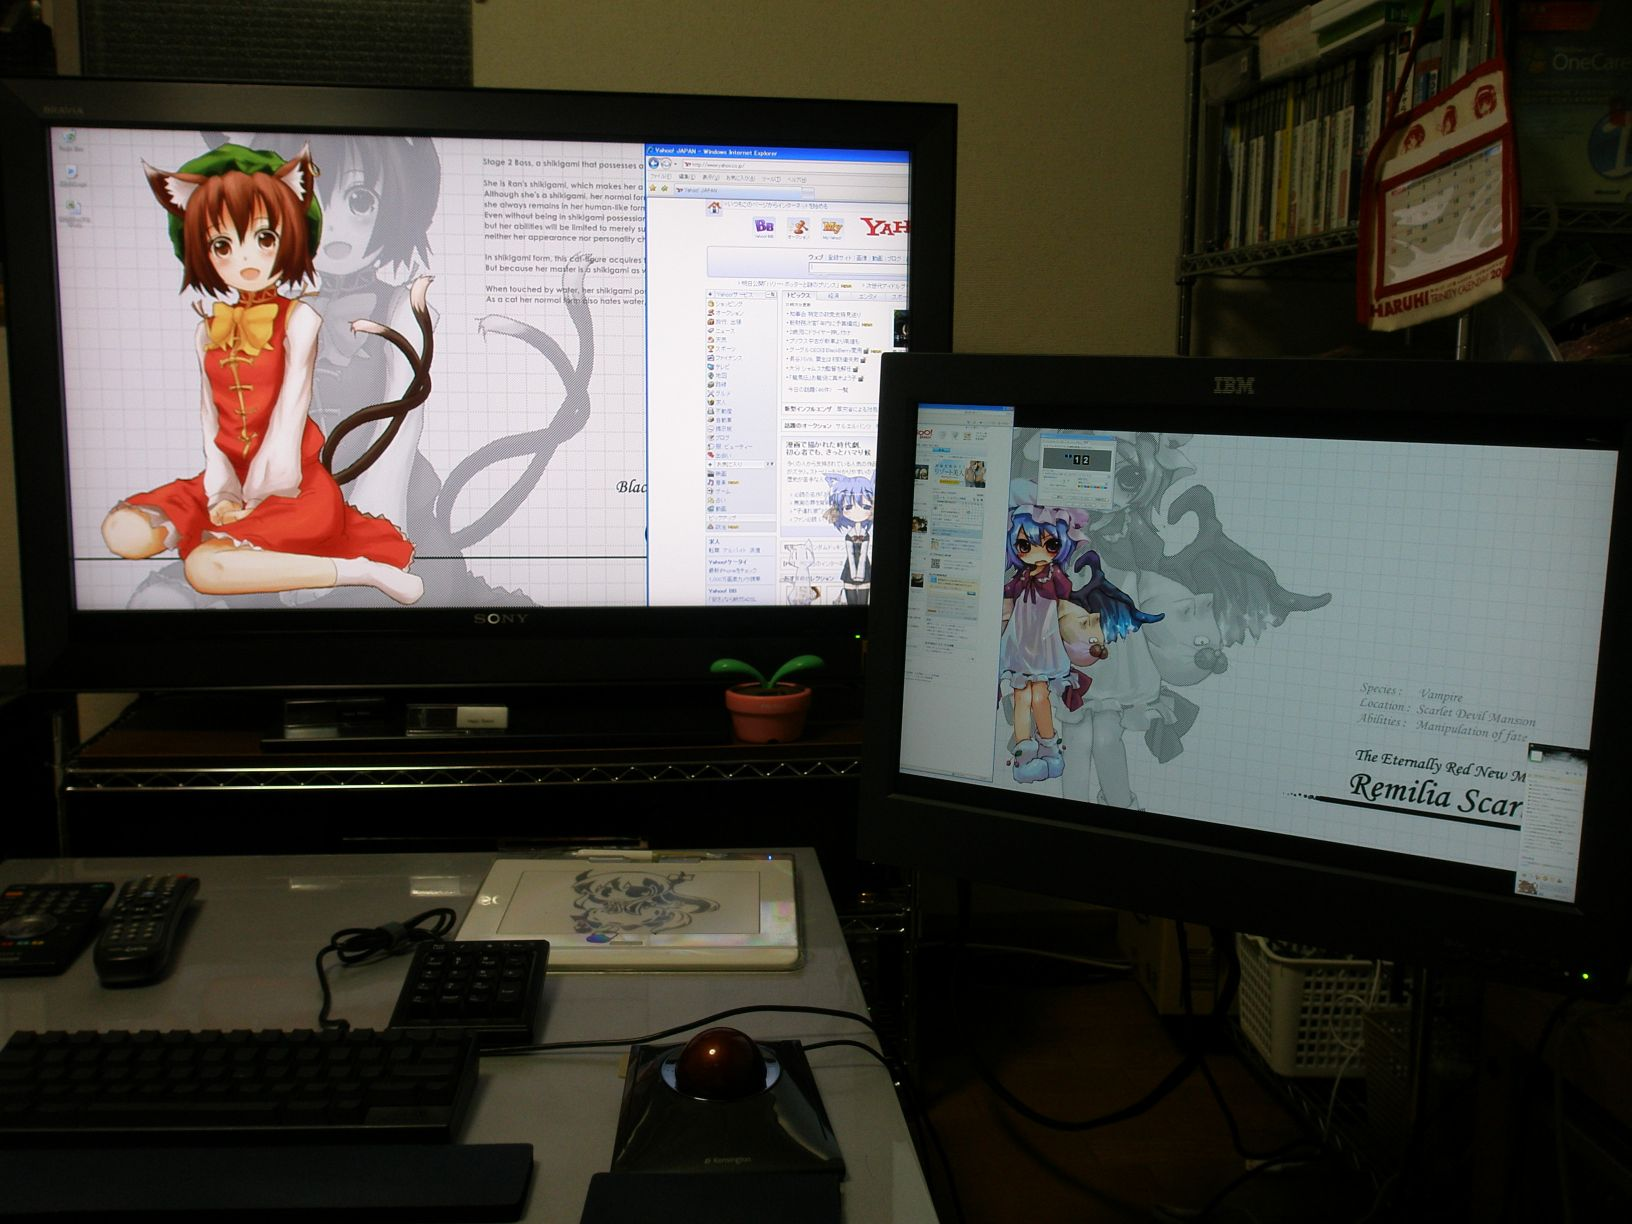 http://www.kitcat.jp/blog/2009/07/14/P7140031.JPG